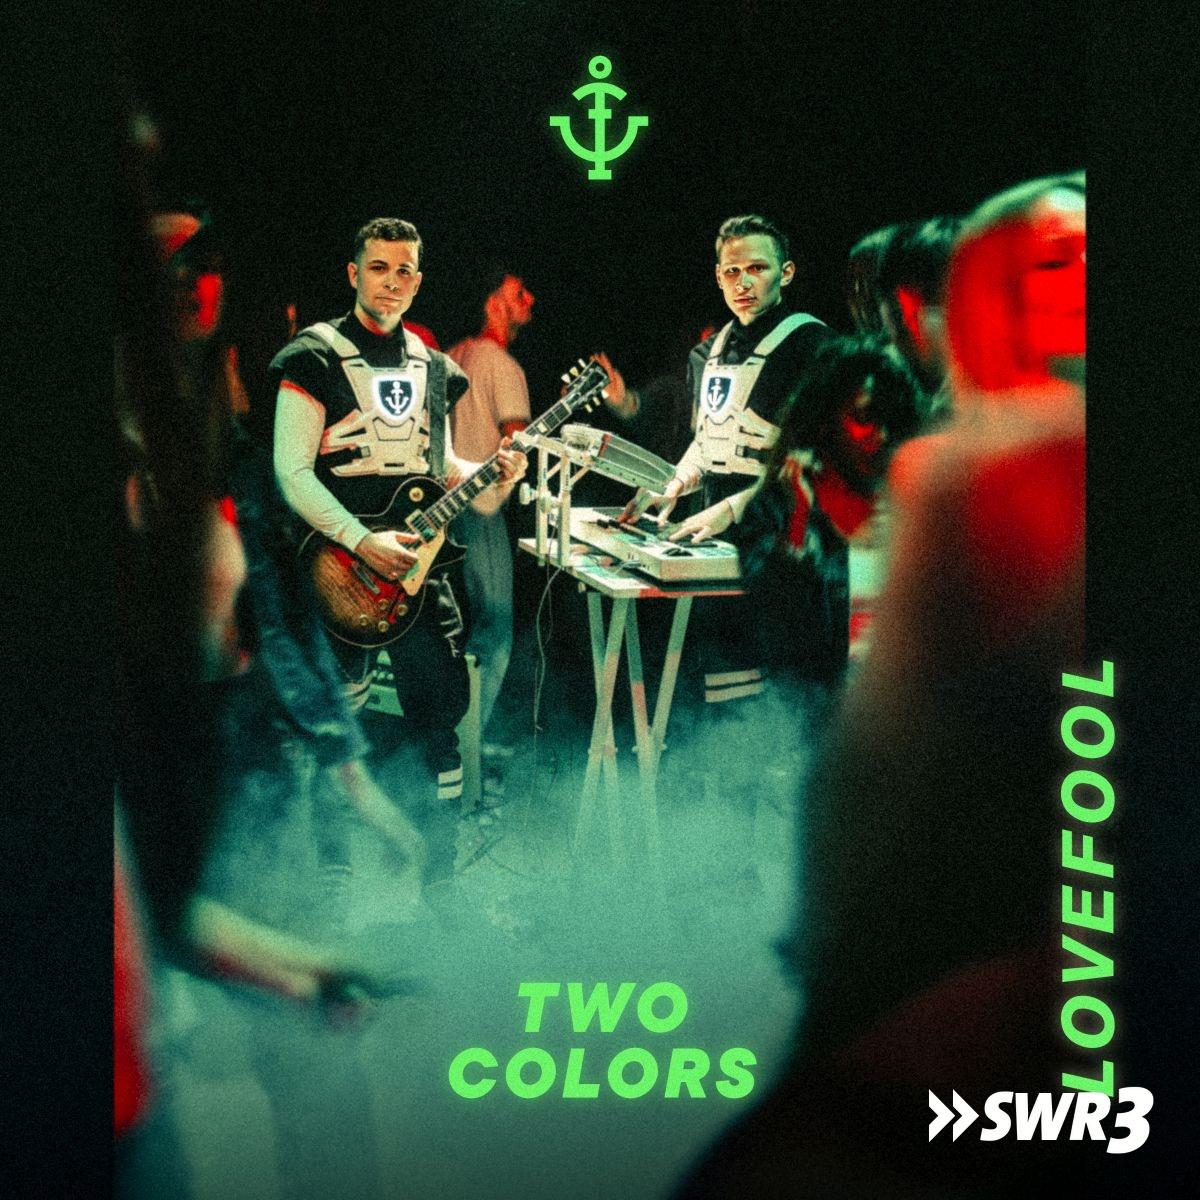 Lovefool (Foto: twocolors)